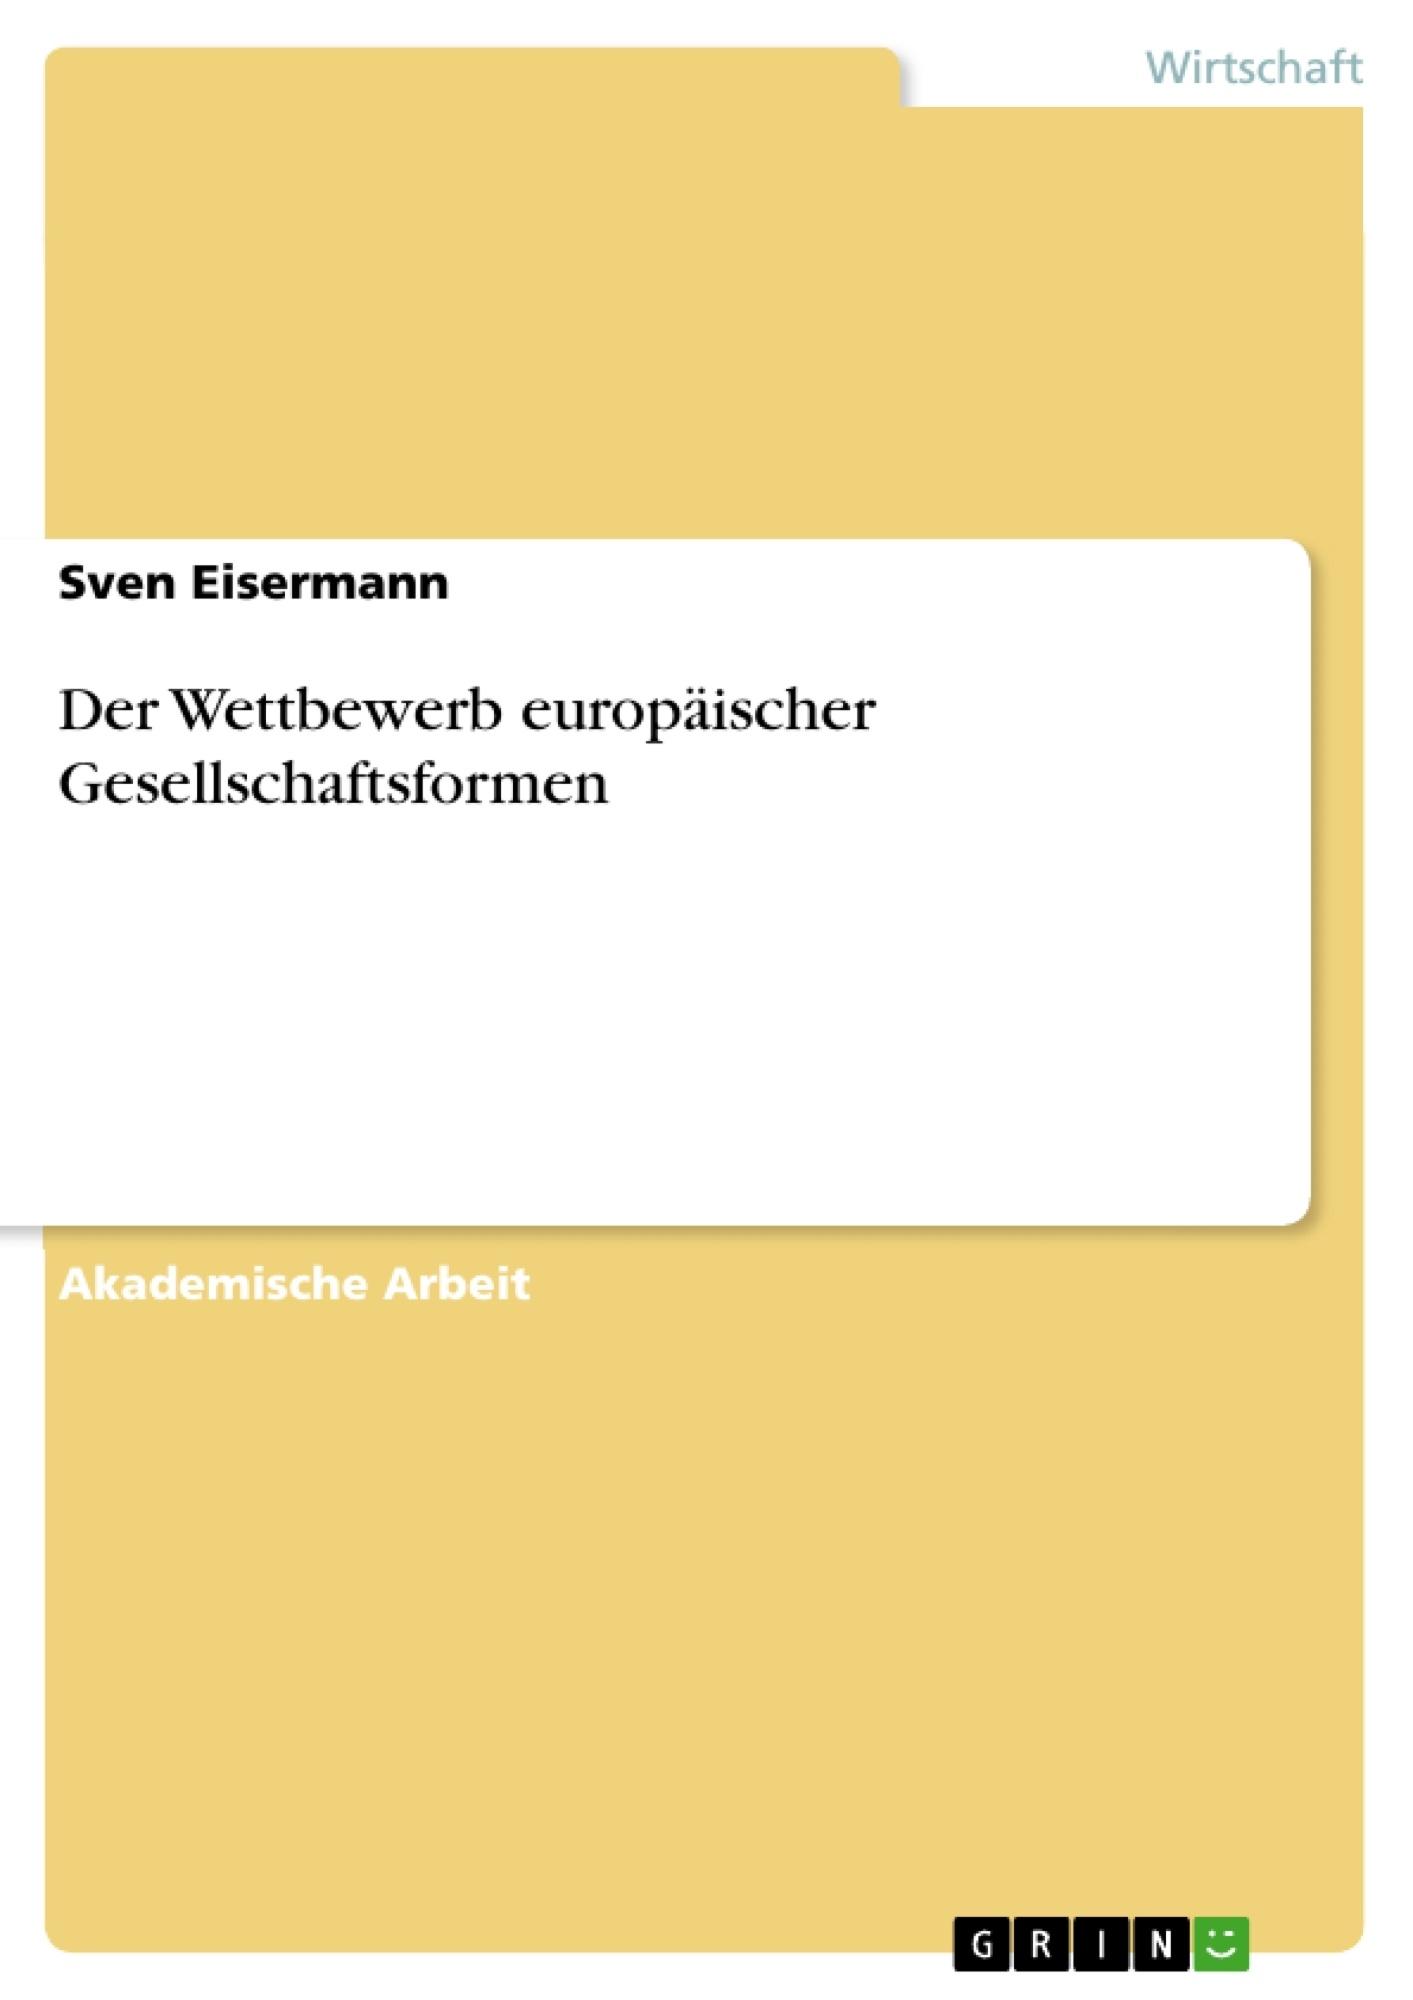 Titel: Der Wettbewerb europäischer Gesellschaftsformen